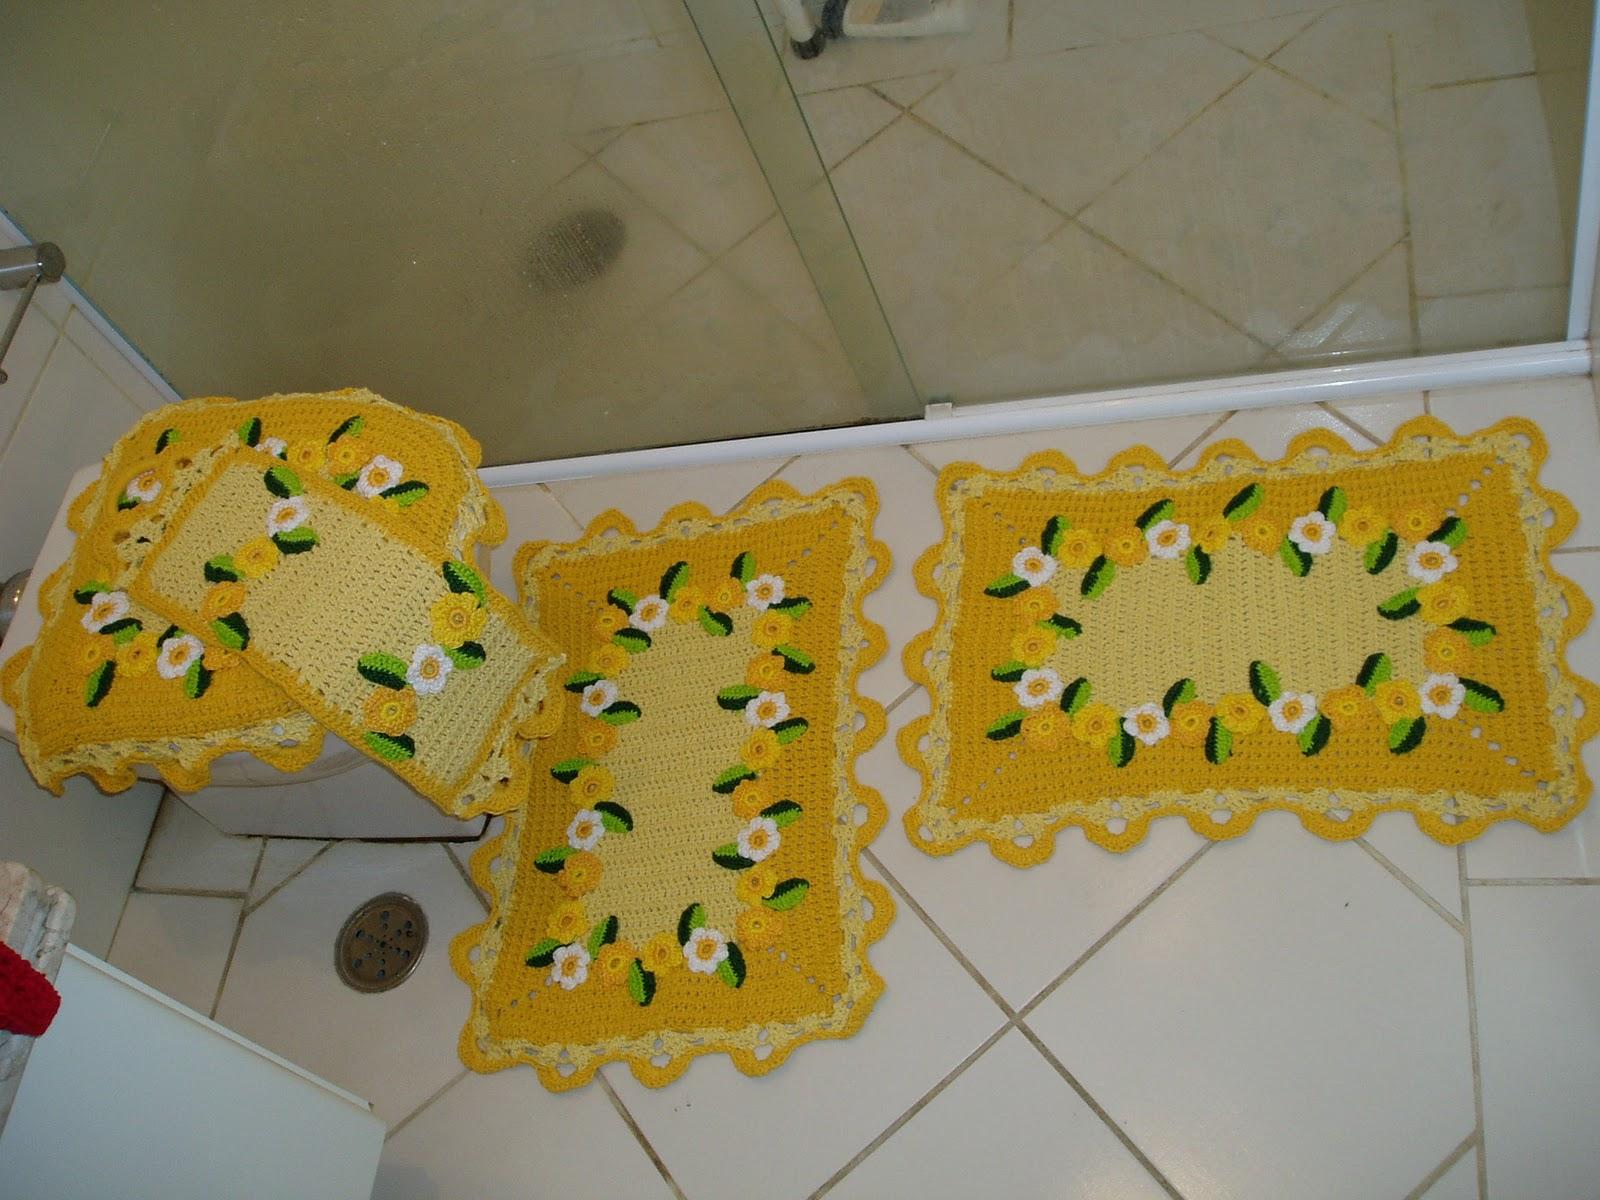 Tecendo Receitas: jogo de banheiro em croche margaridas amarelo #A98722 1600x1200 Amarelo No Banheiro